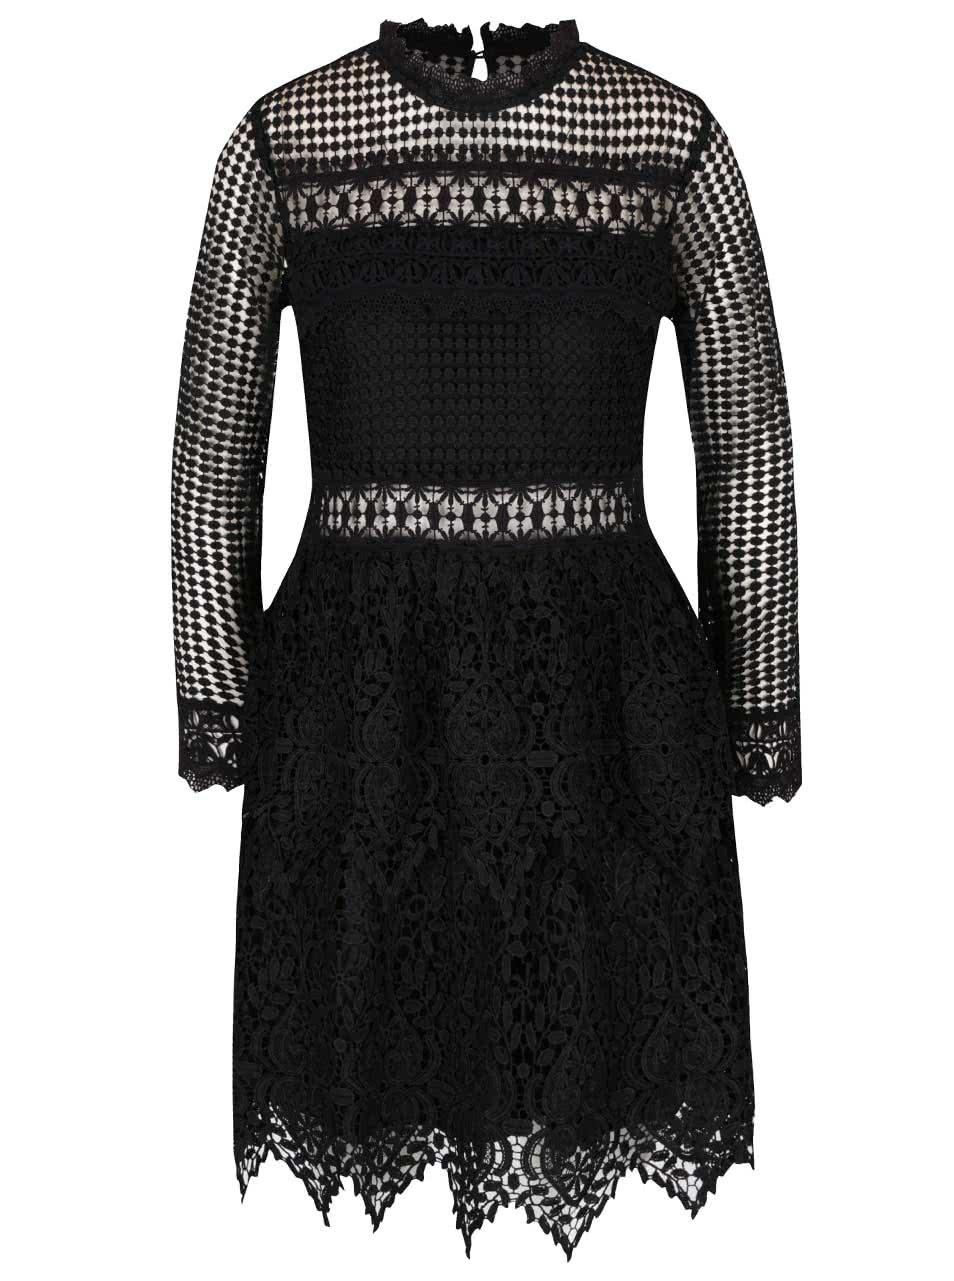 41c6e5fbf99 Černé krajkové šaty s dlouhým rukávem Miss Selfridge ...